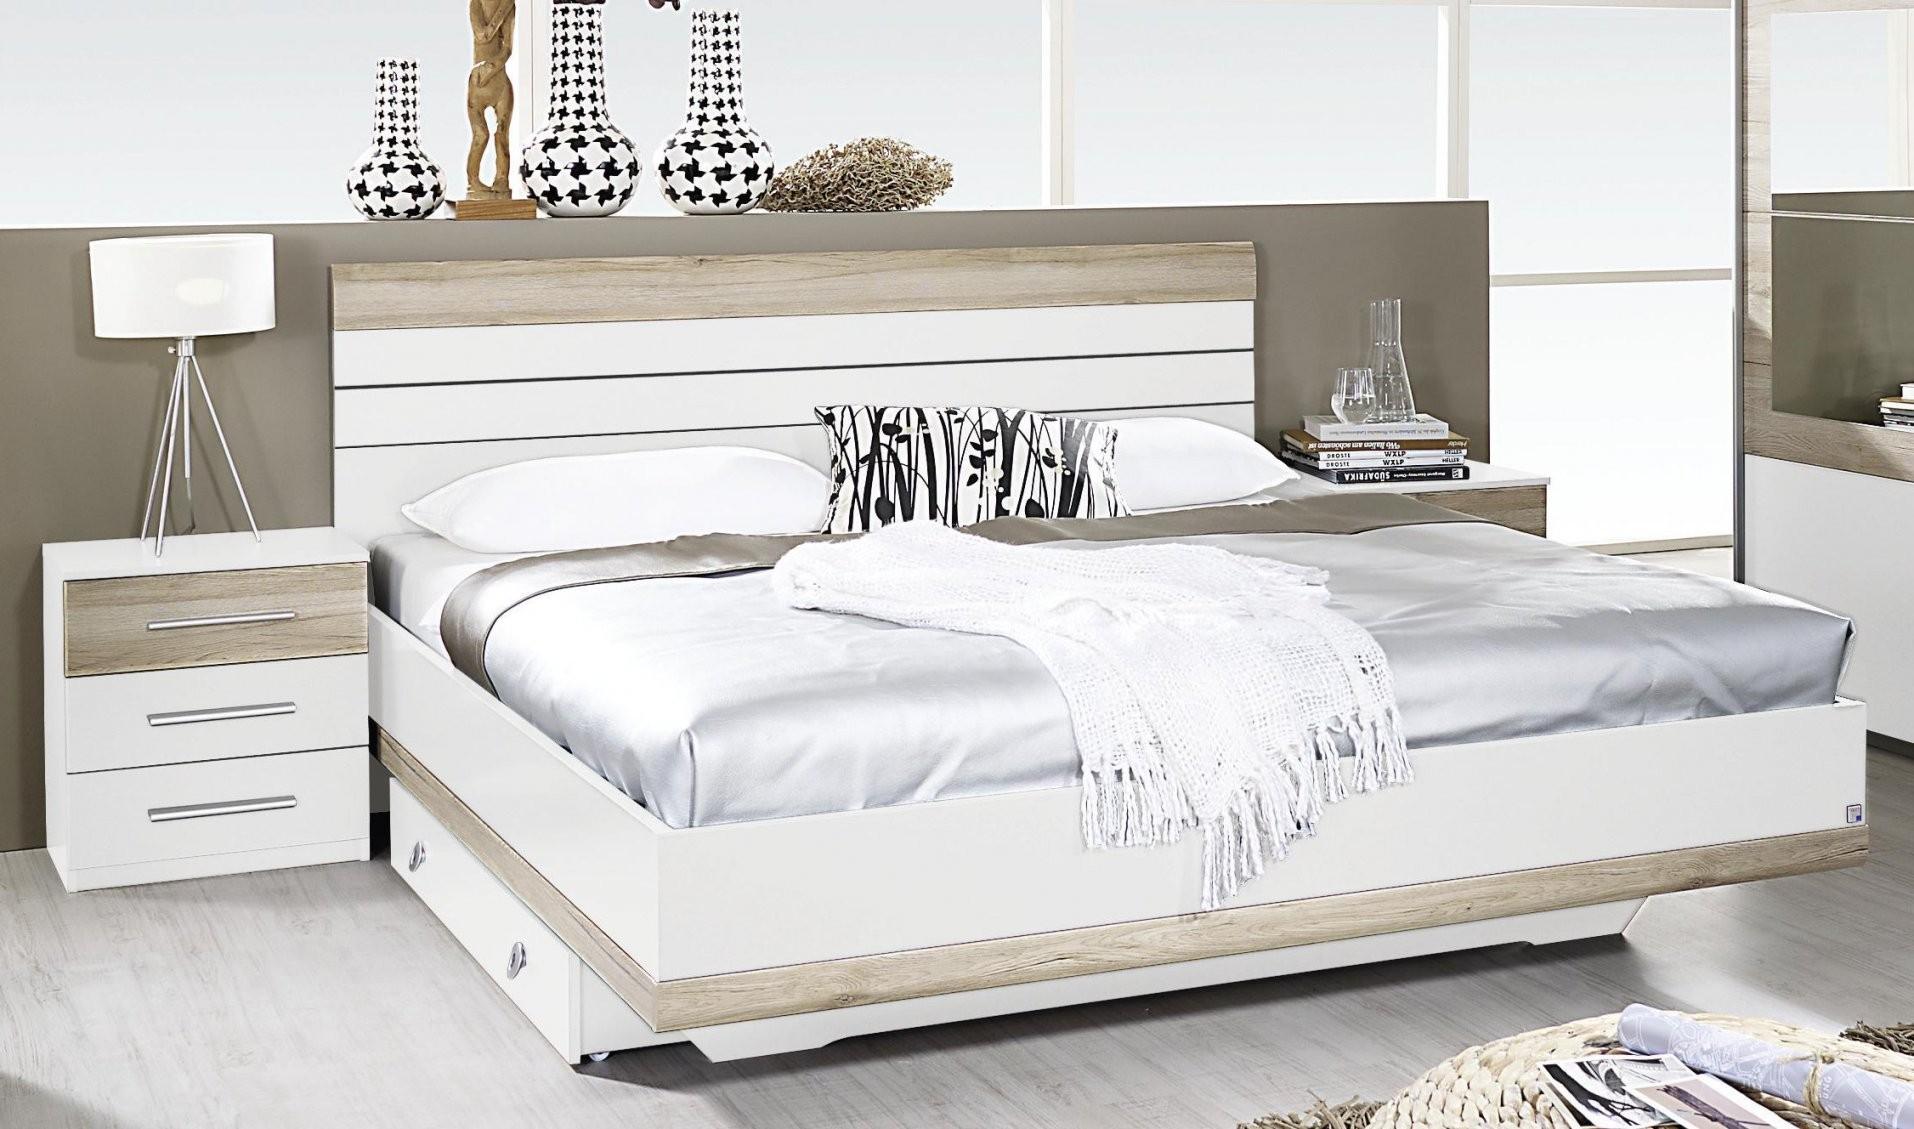 Rauch Betten 180X200 Furchterregend Auf Kreative Deko Ideen On Bett von Rauch Bett 180X200 Photo